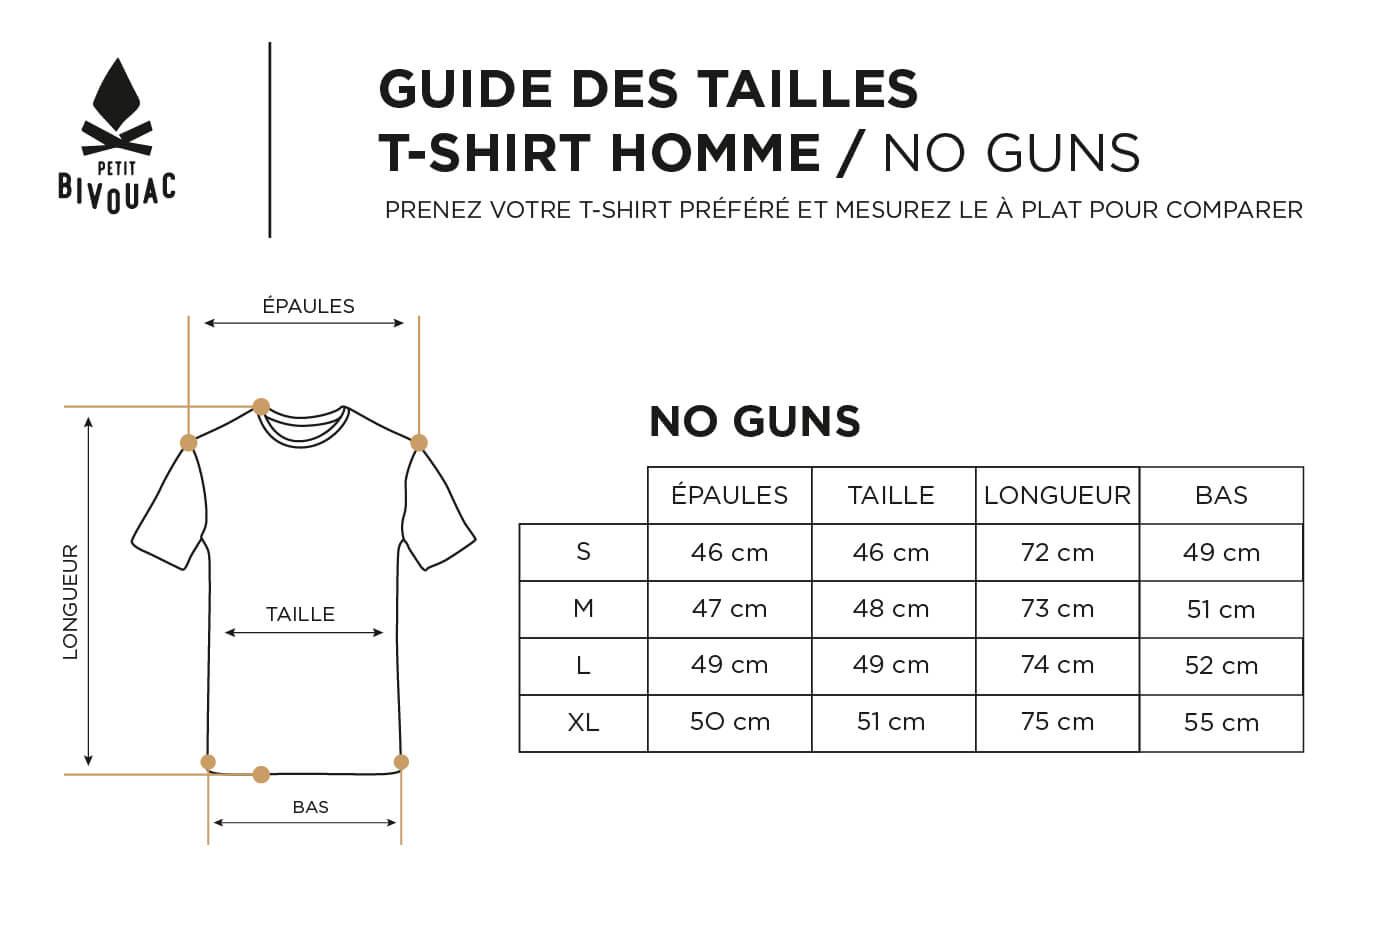 Guide des tailles-homme-noguns_Petit Bivouac